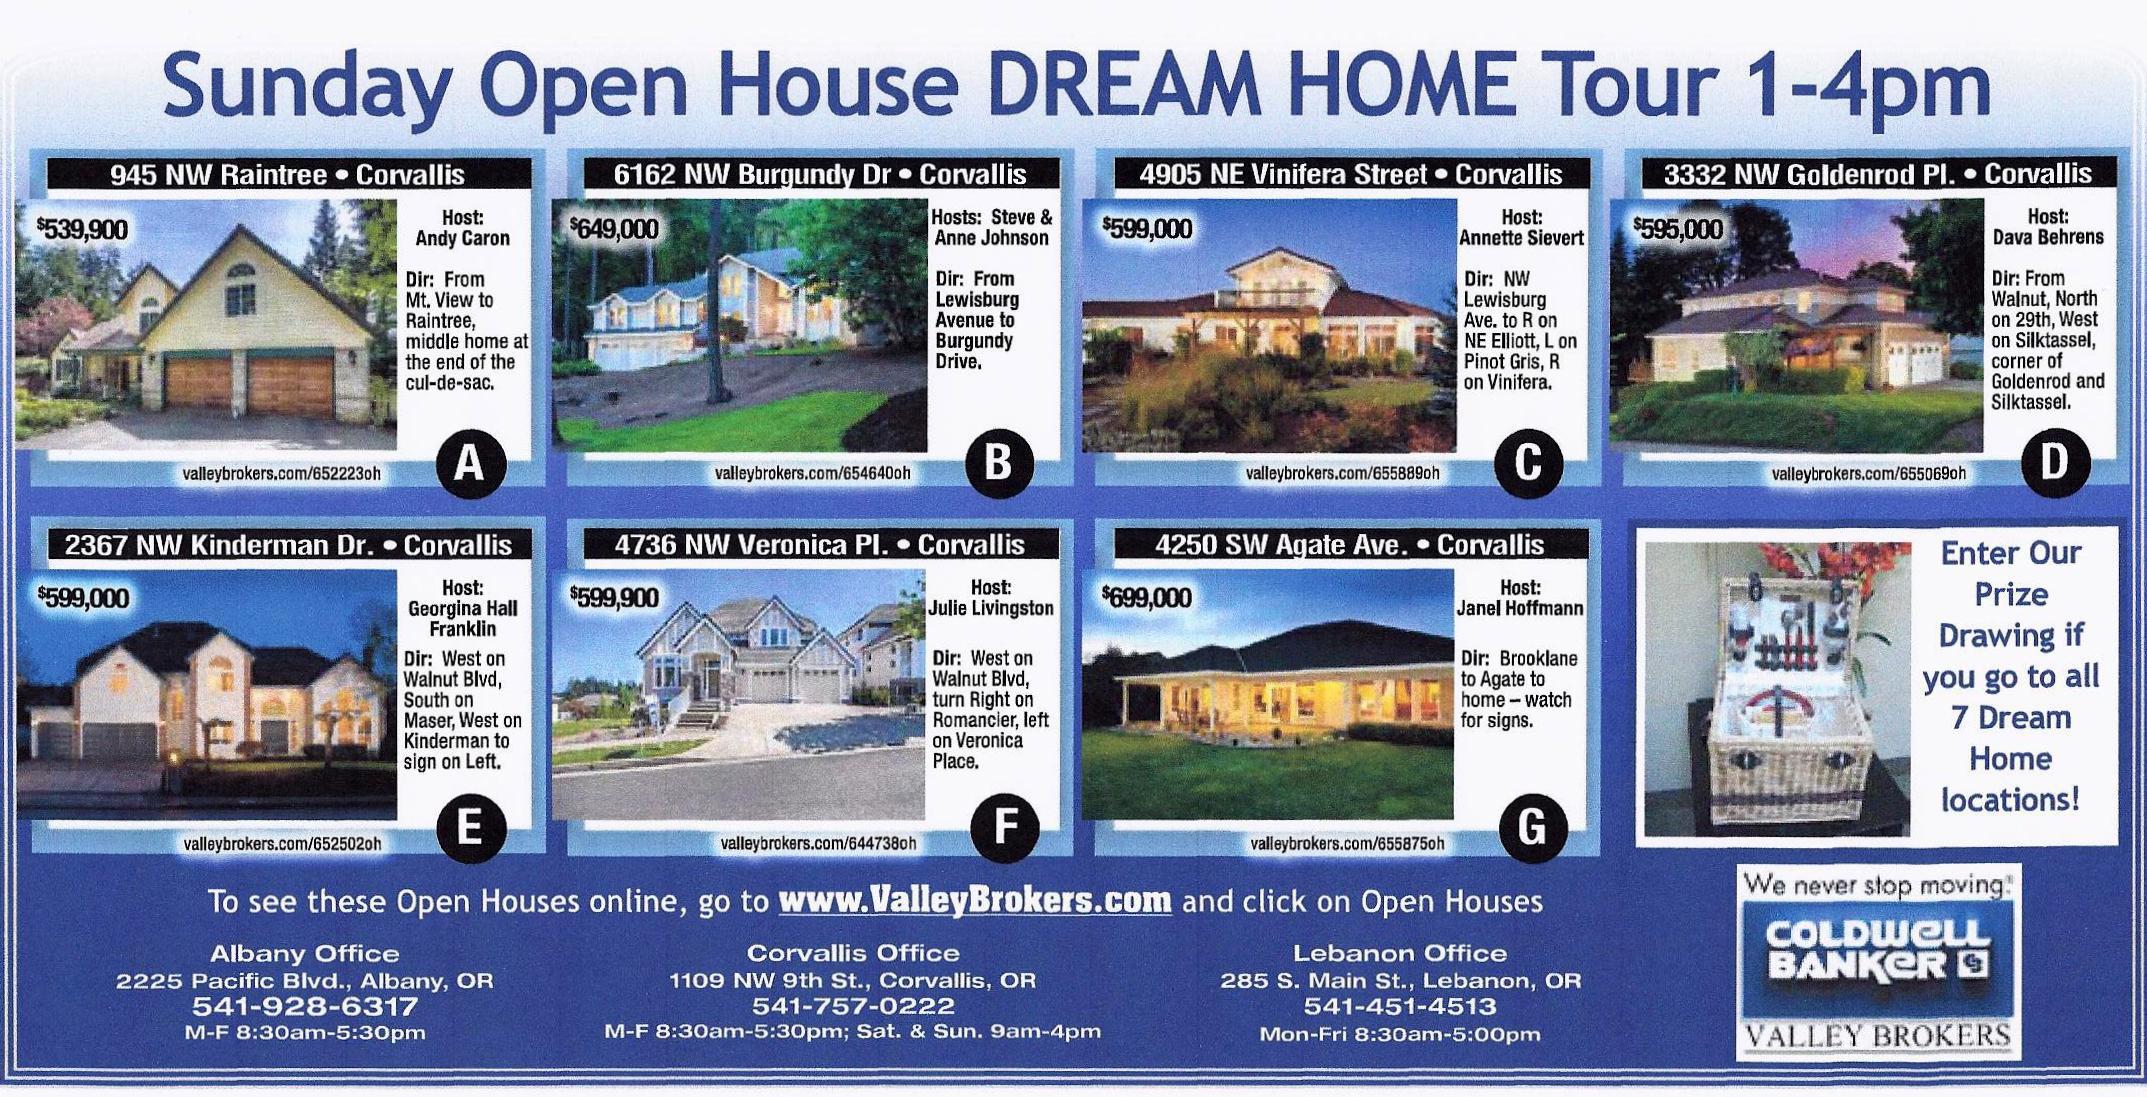 Corvallis Dream Home Tour–Open House